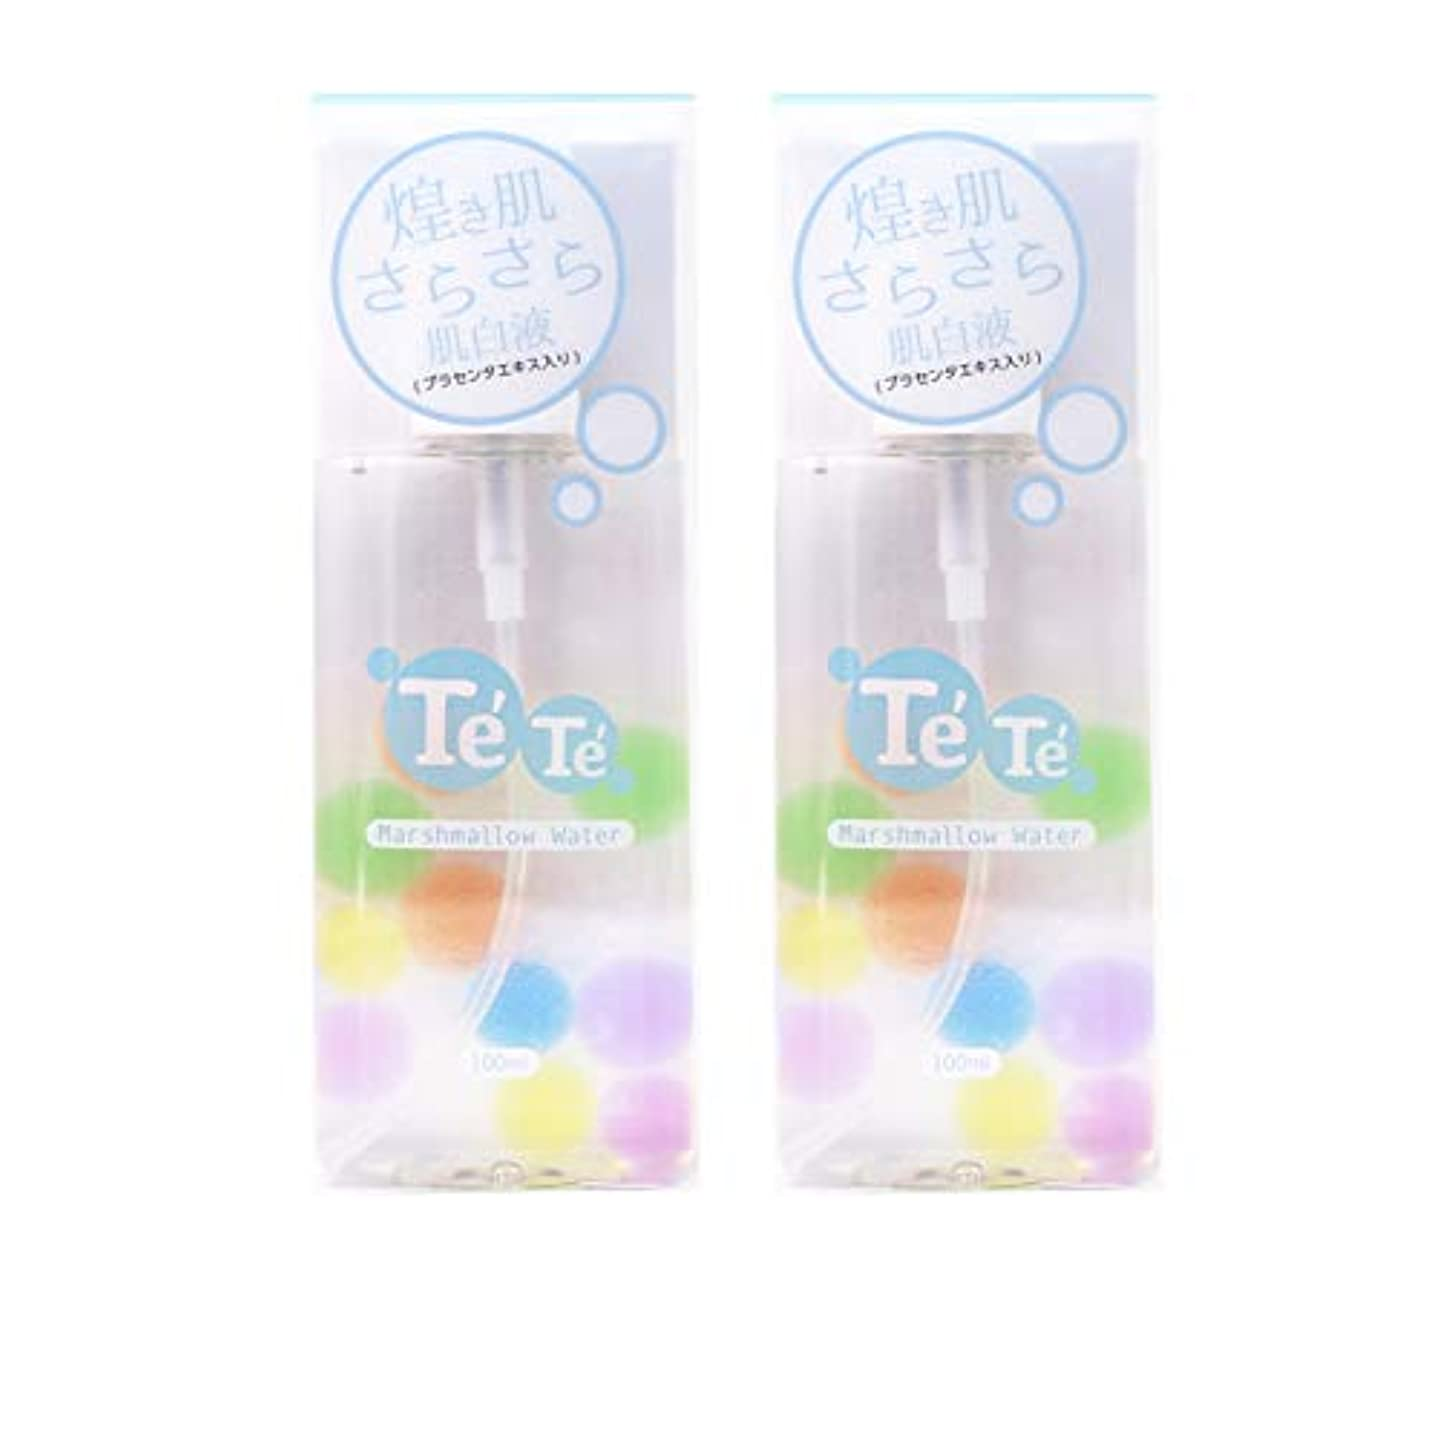 サバントに負ける防水TeTe(テテ)さらさら肌白液「2本セット」「特許申請中」